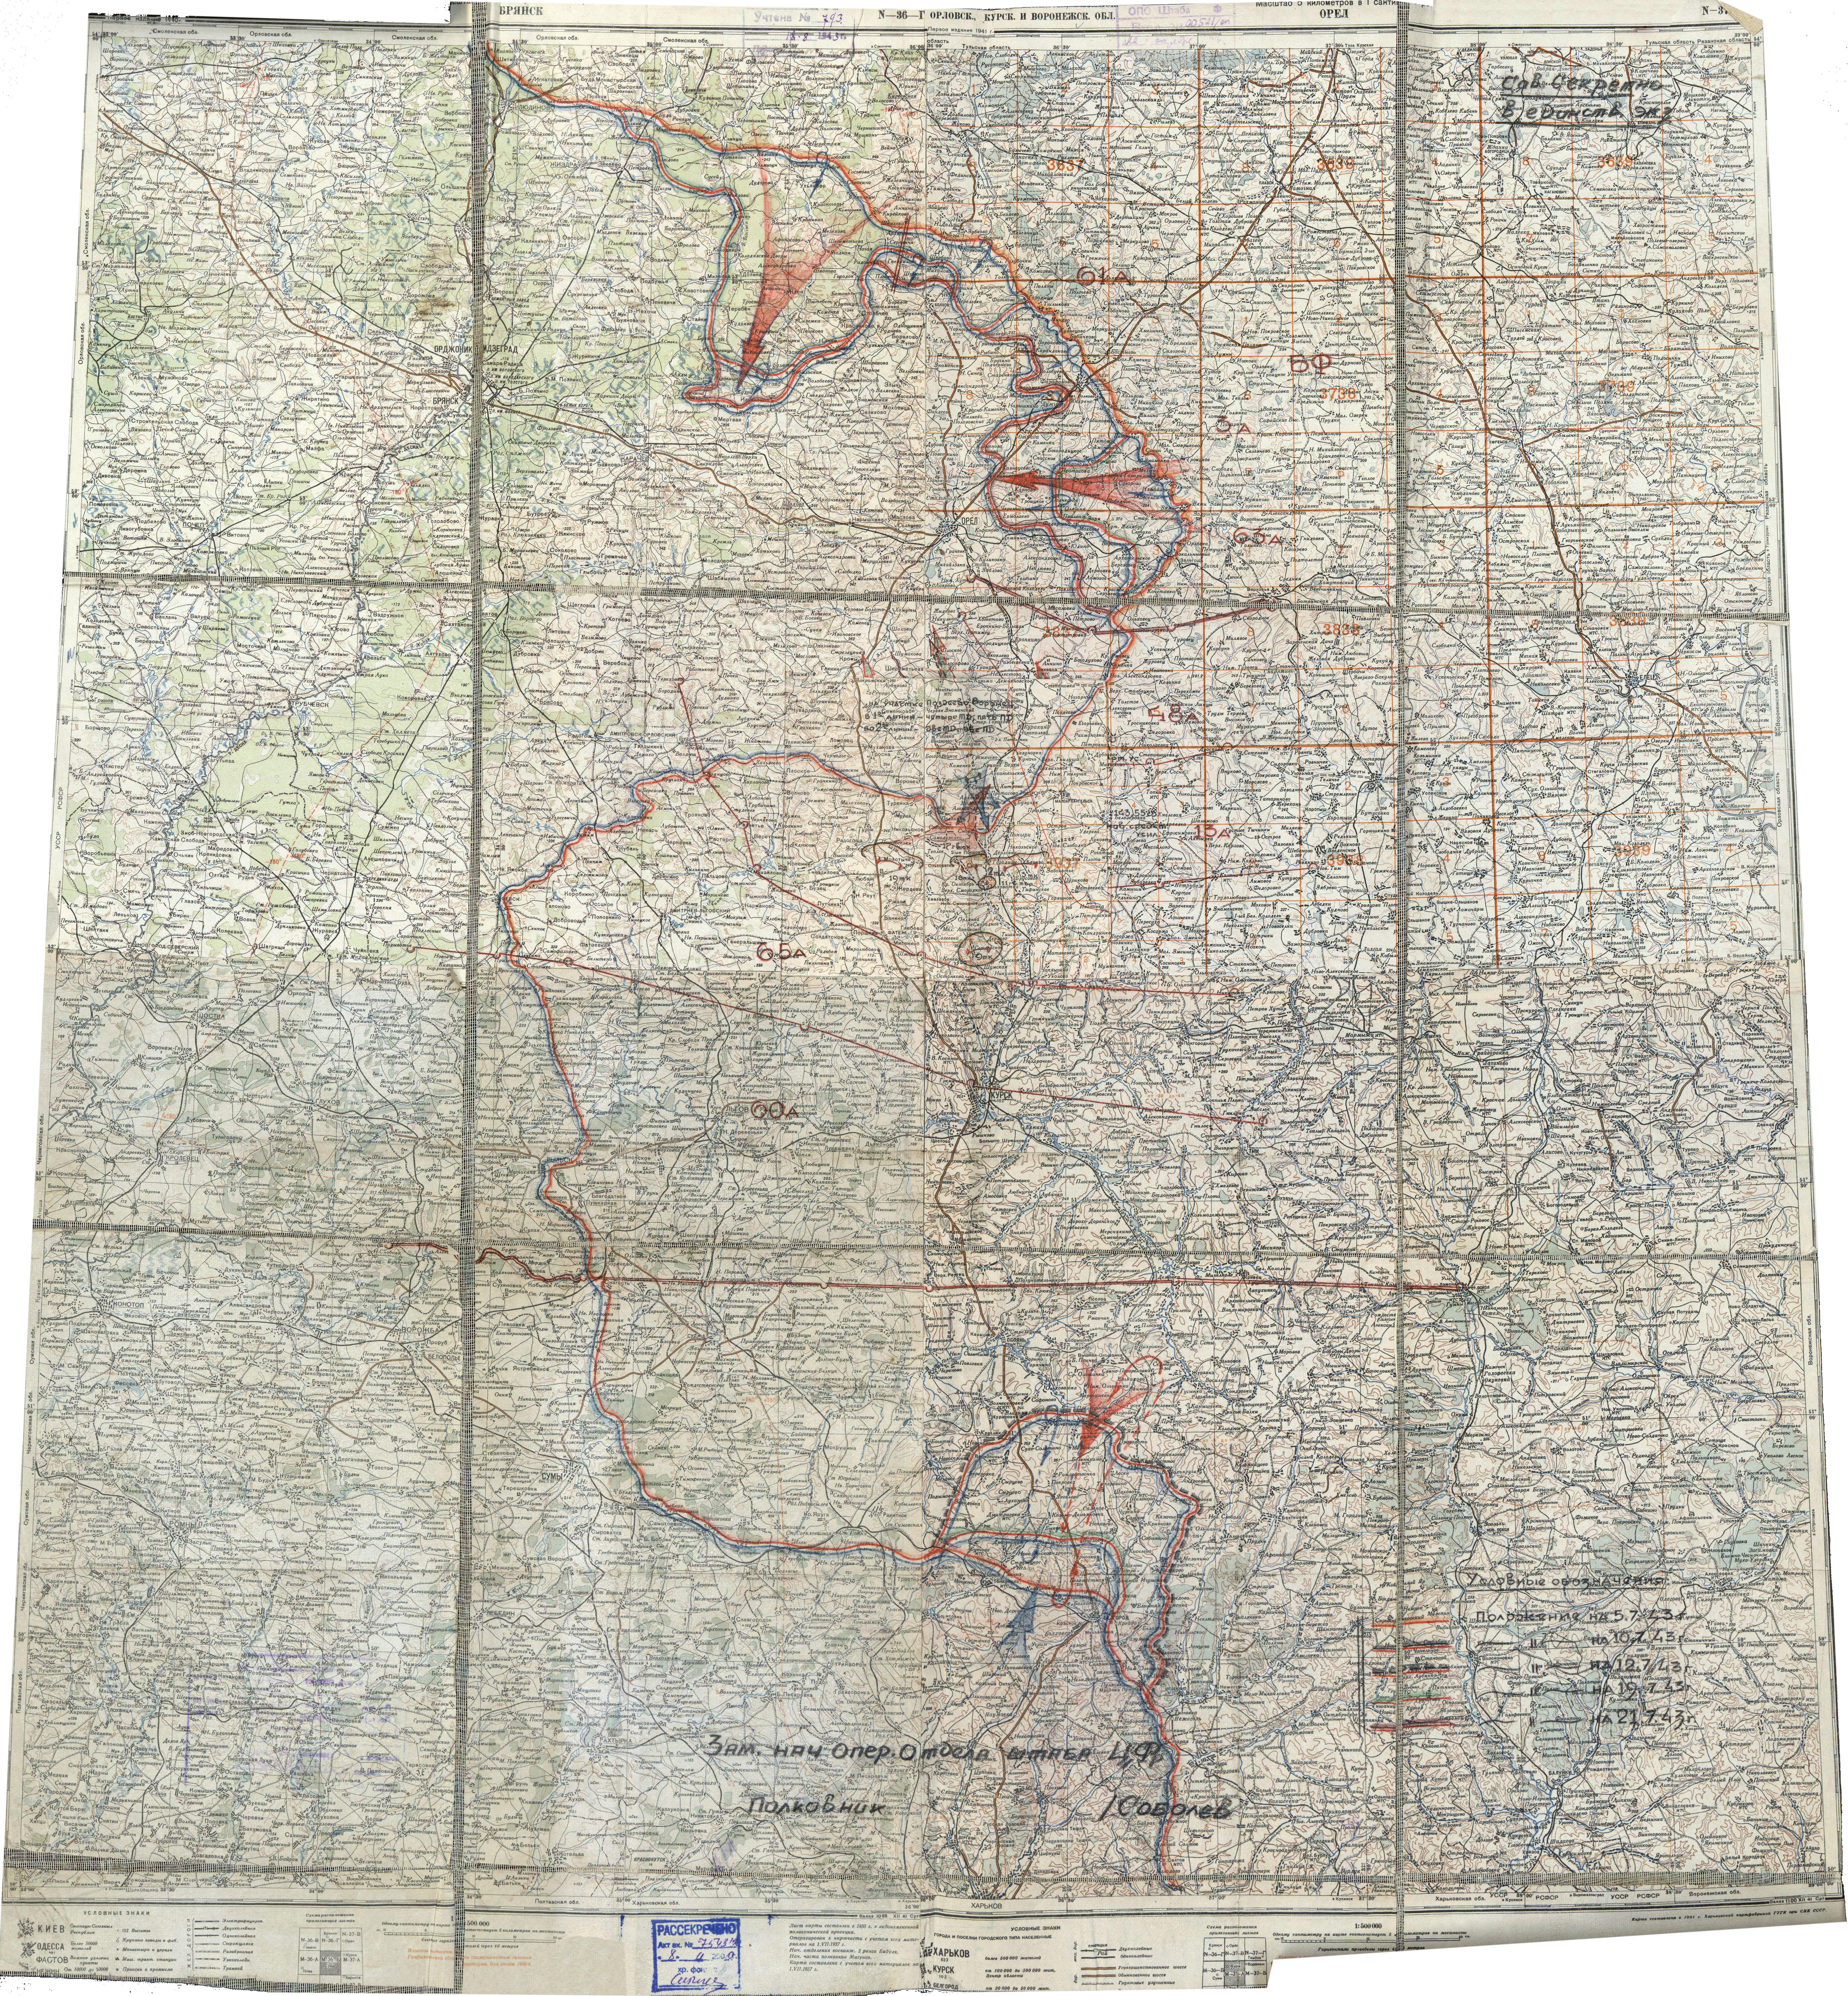 карта курской битвы 1943 г проверка iphone по серийному номеру на сайте apple.com